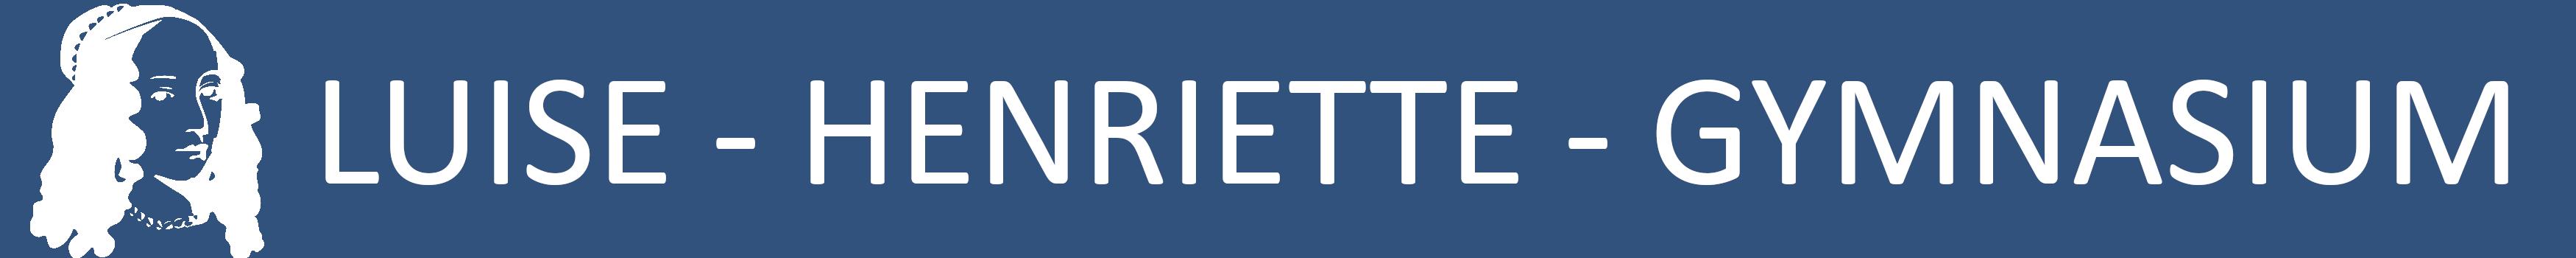 Website des Luise-Henriette-Gymnasiums Logo